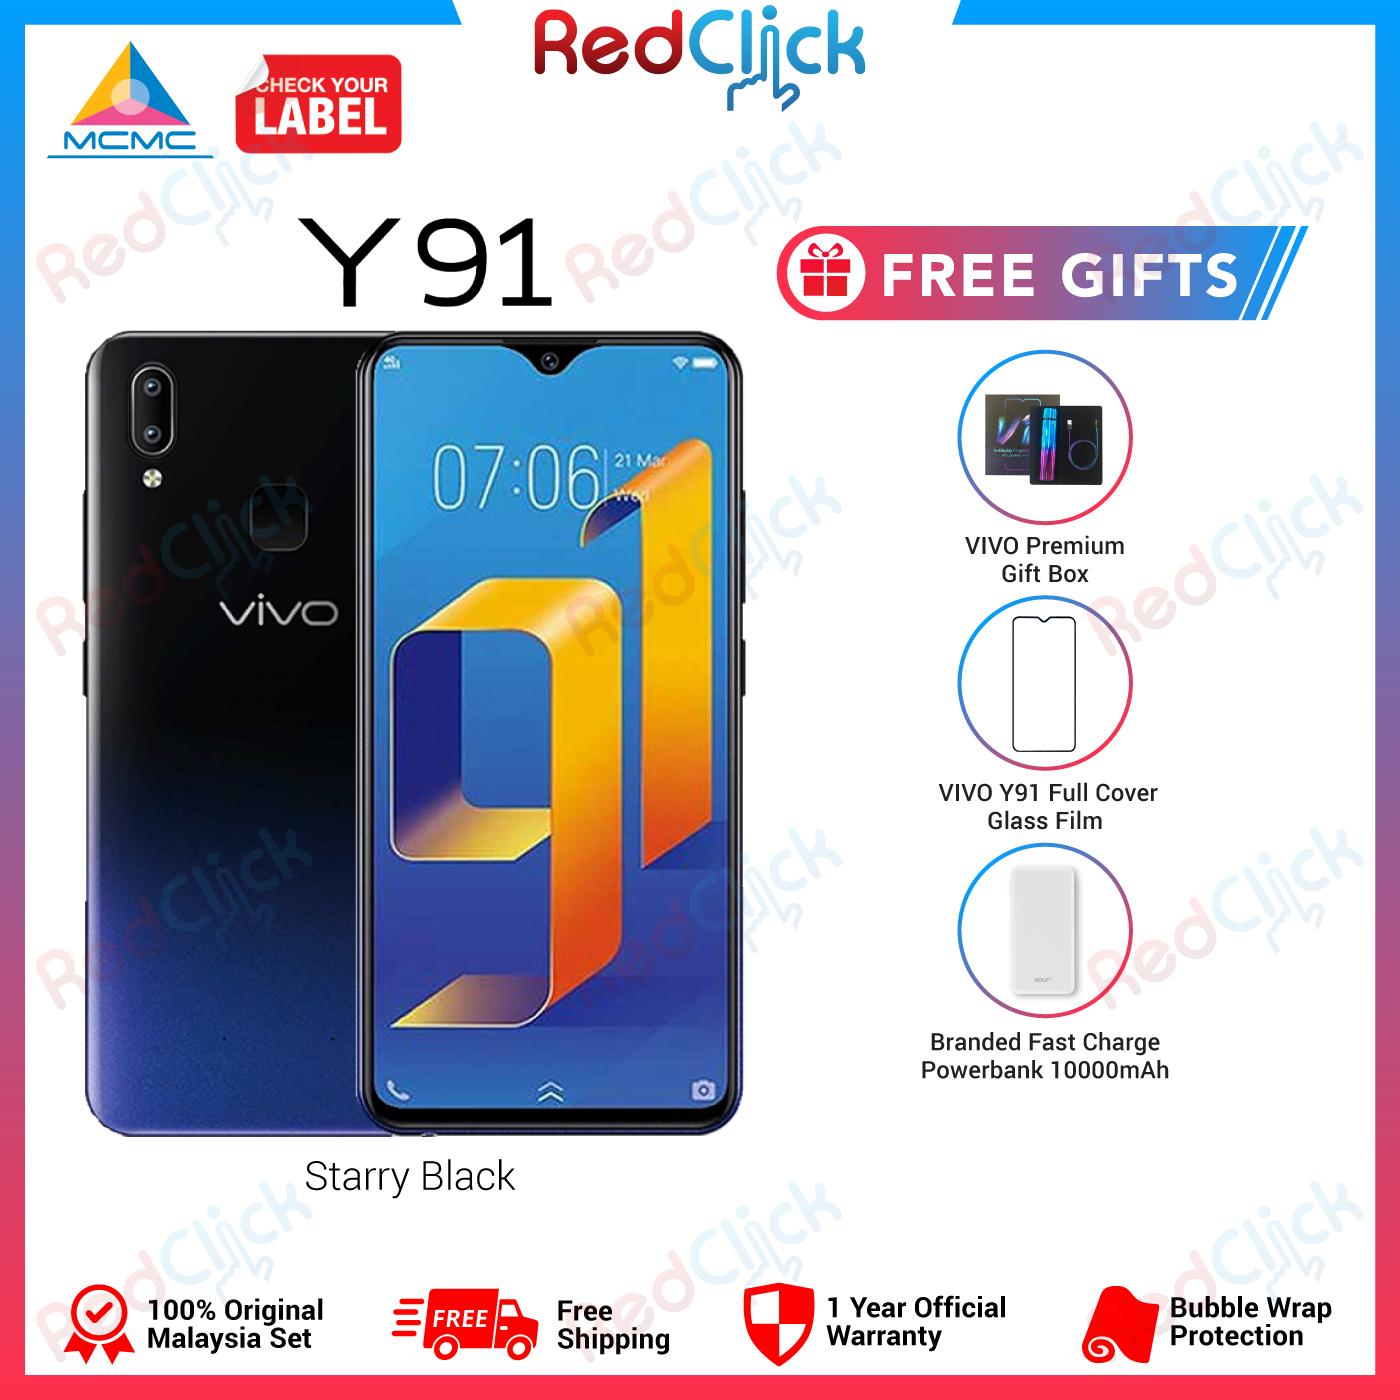 VIVO Y91 (3GB/64GB) Original VIVO Malaysia Set + 3 Free Gift